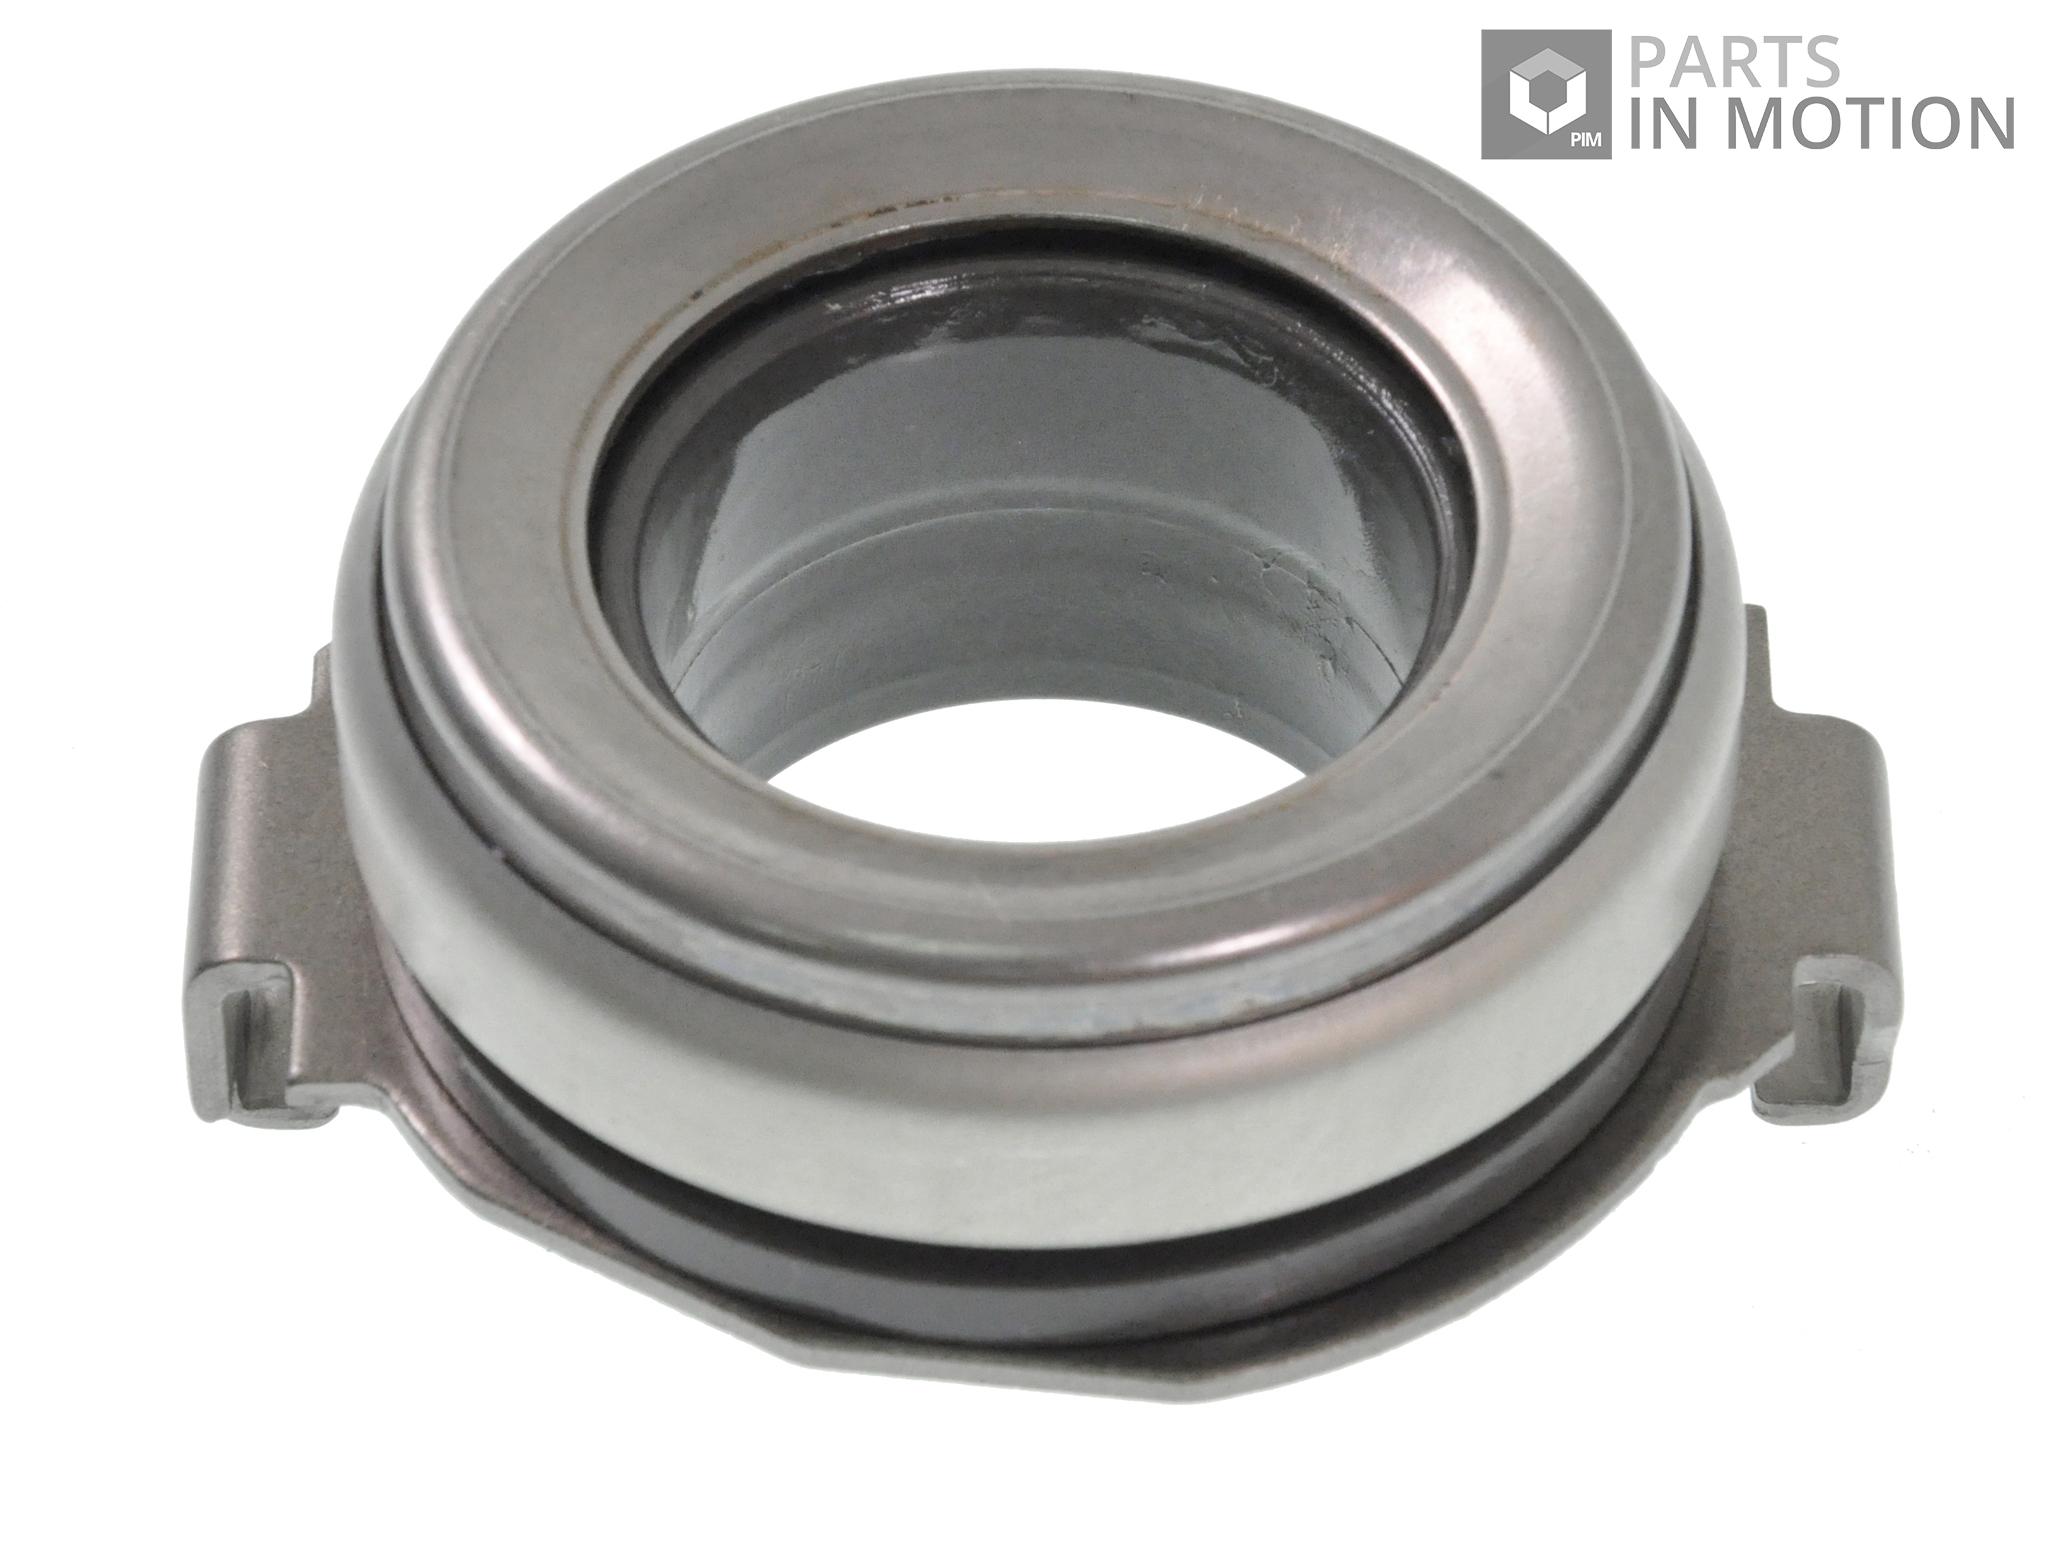 Clutch Release Bearing ADM53316 Blue Print BP0216510 G56116510 G56116510A New